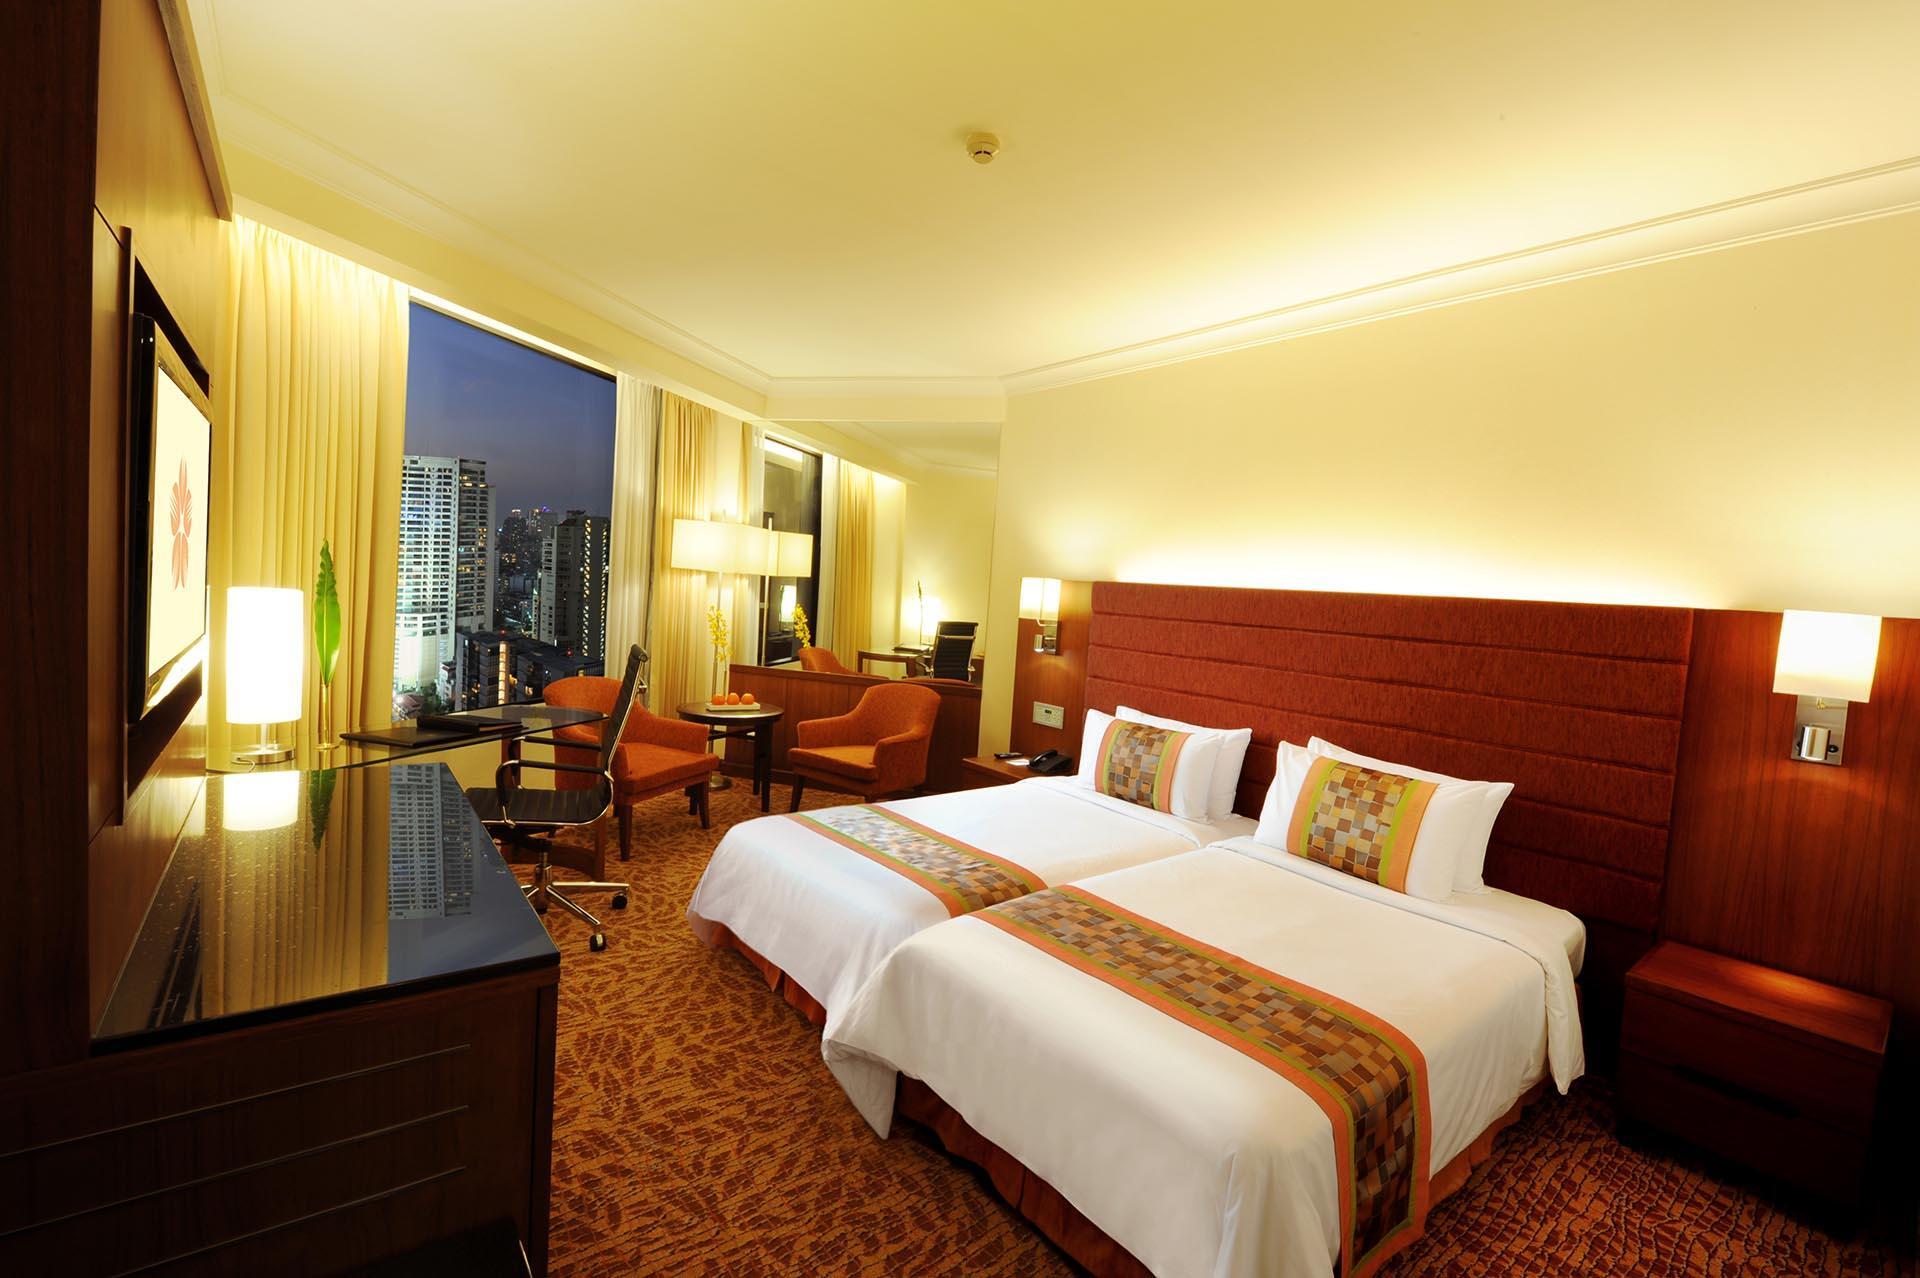 Superior Twin Room at Rembrandt Hotel Bangkok